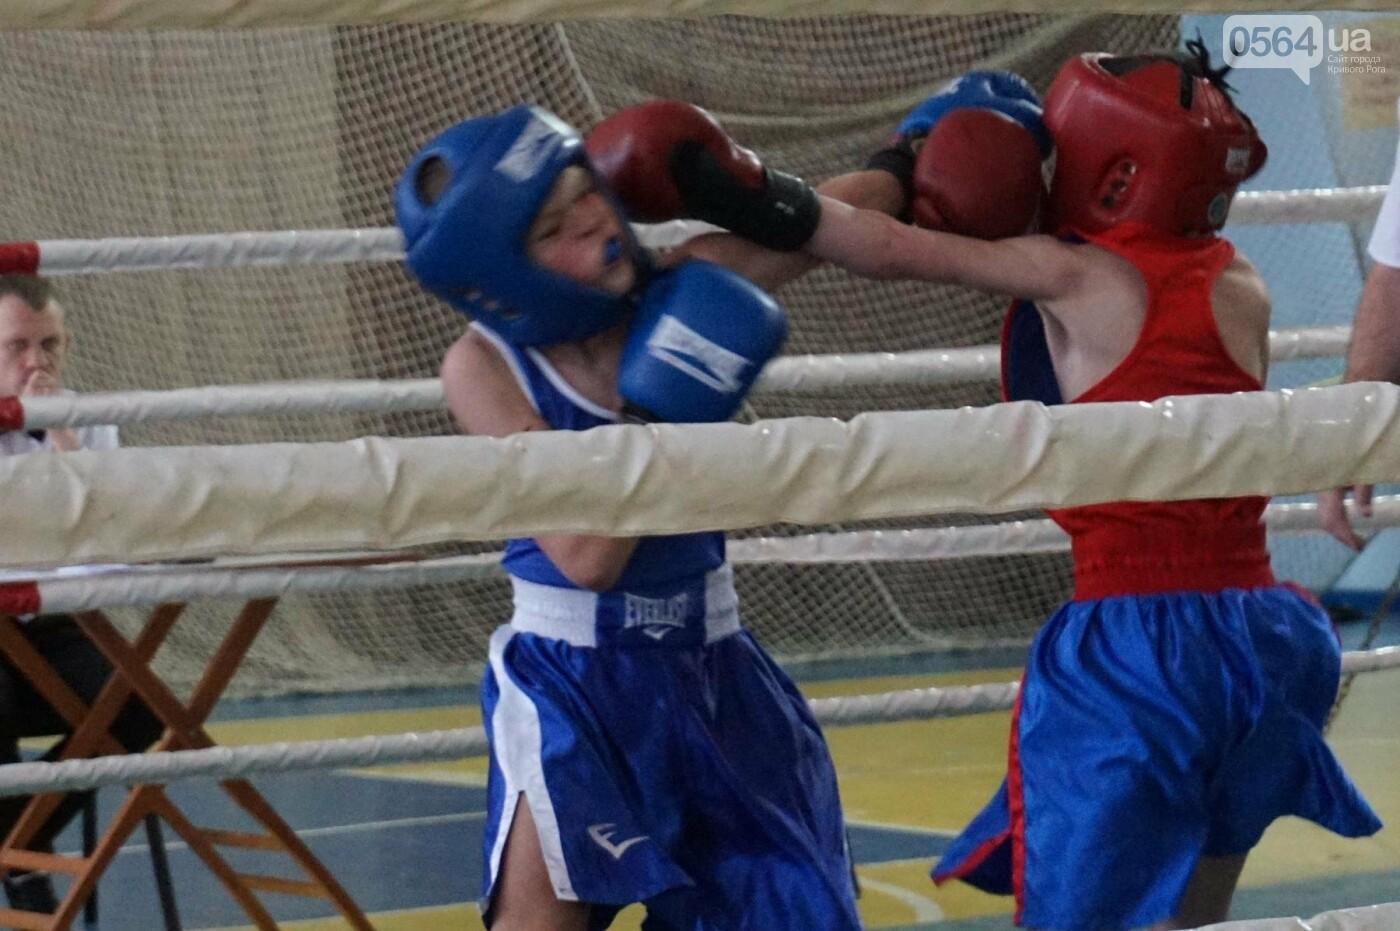 В Кривом Роге состоялся Международный турнир по боксу (ФОТО, ВИДЕО), фото-29